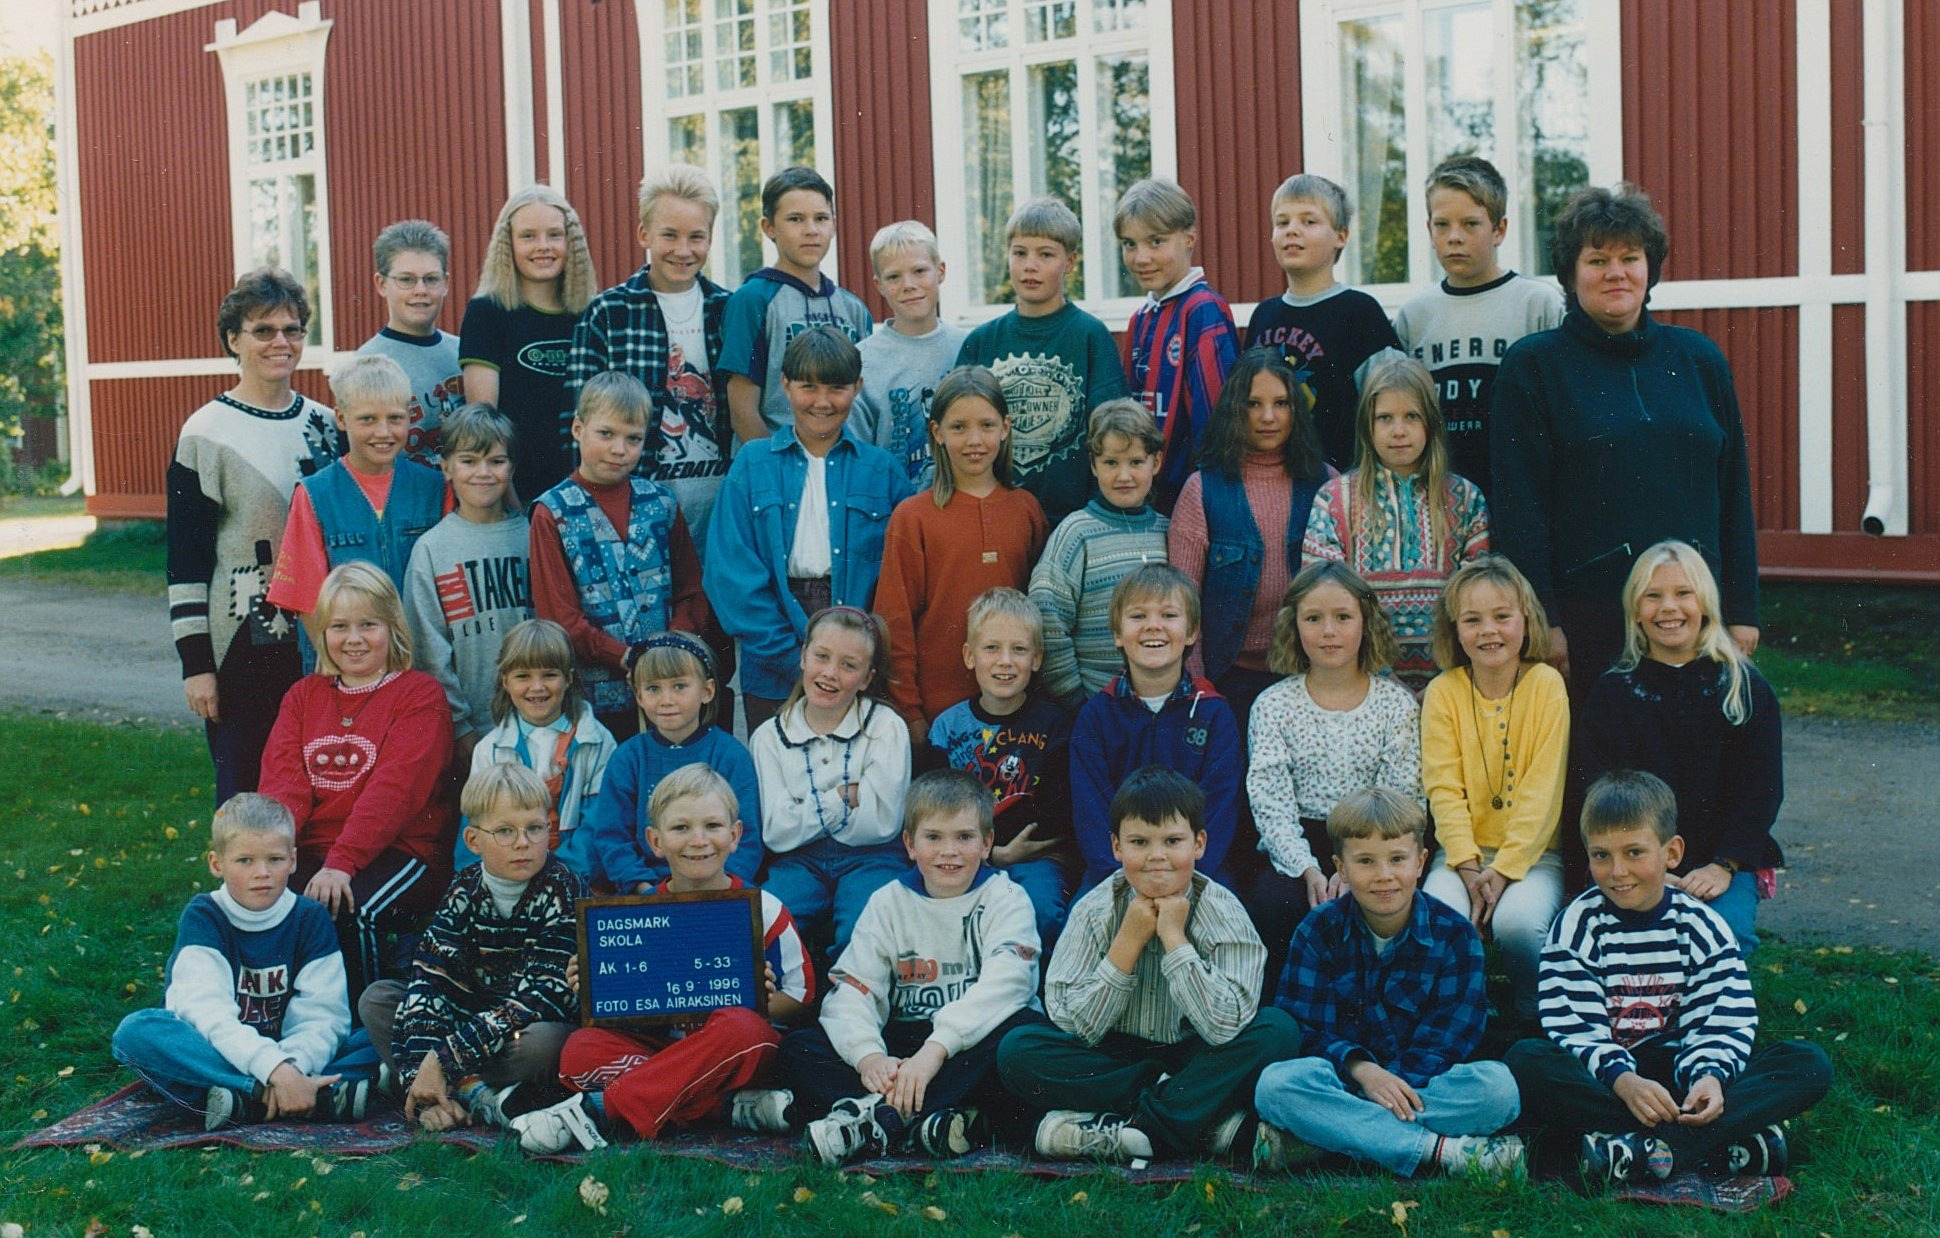 År 1996, Dagsmark skola.